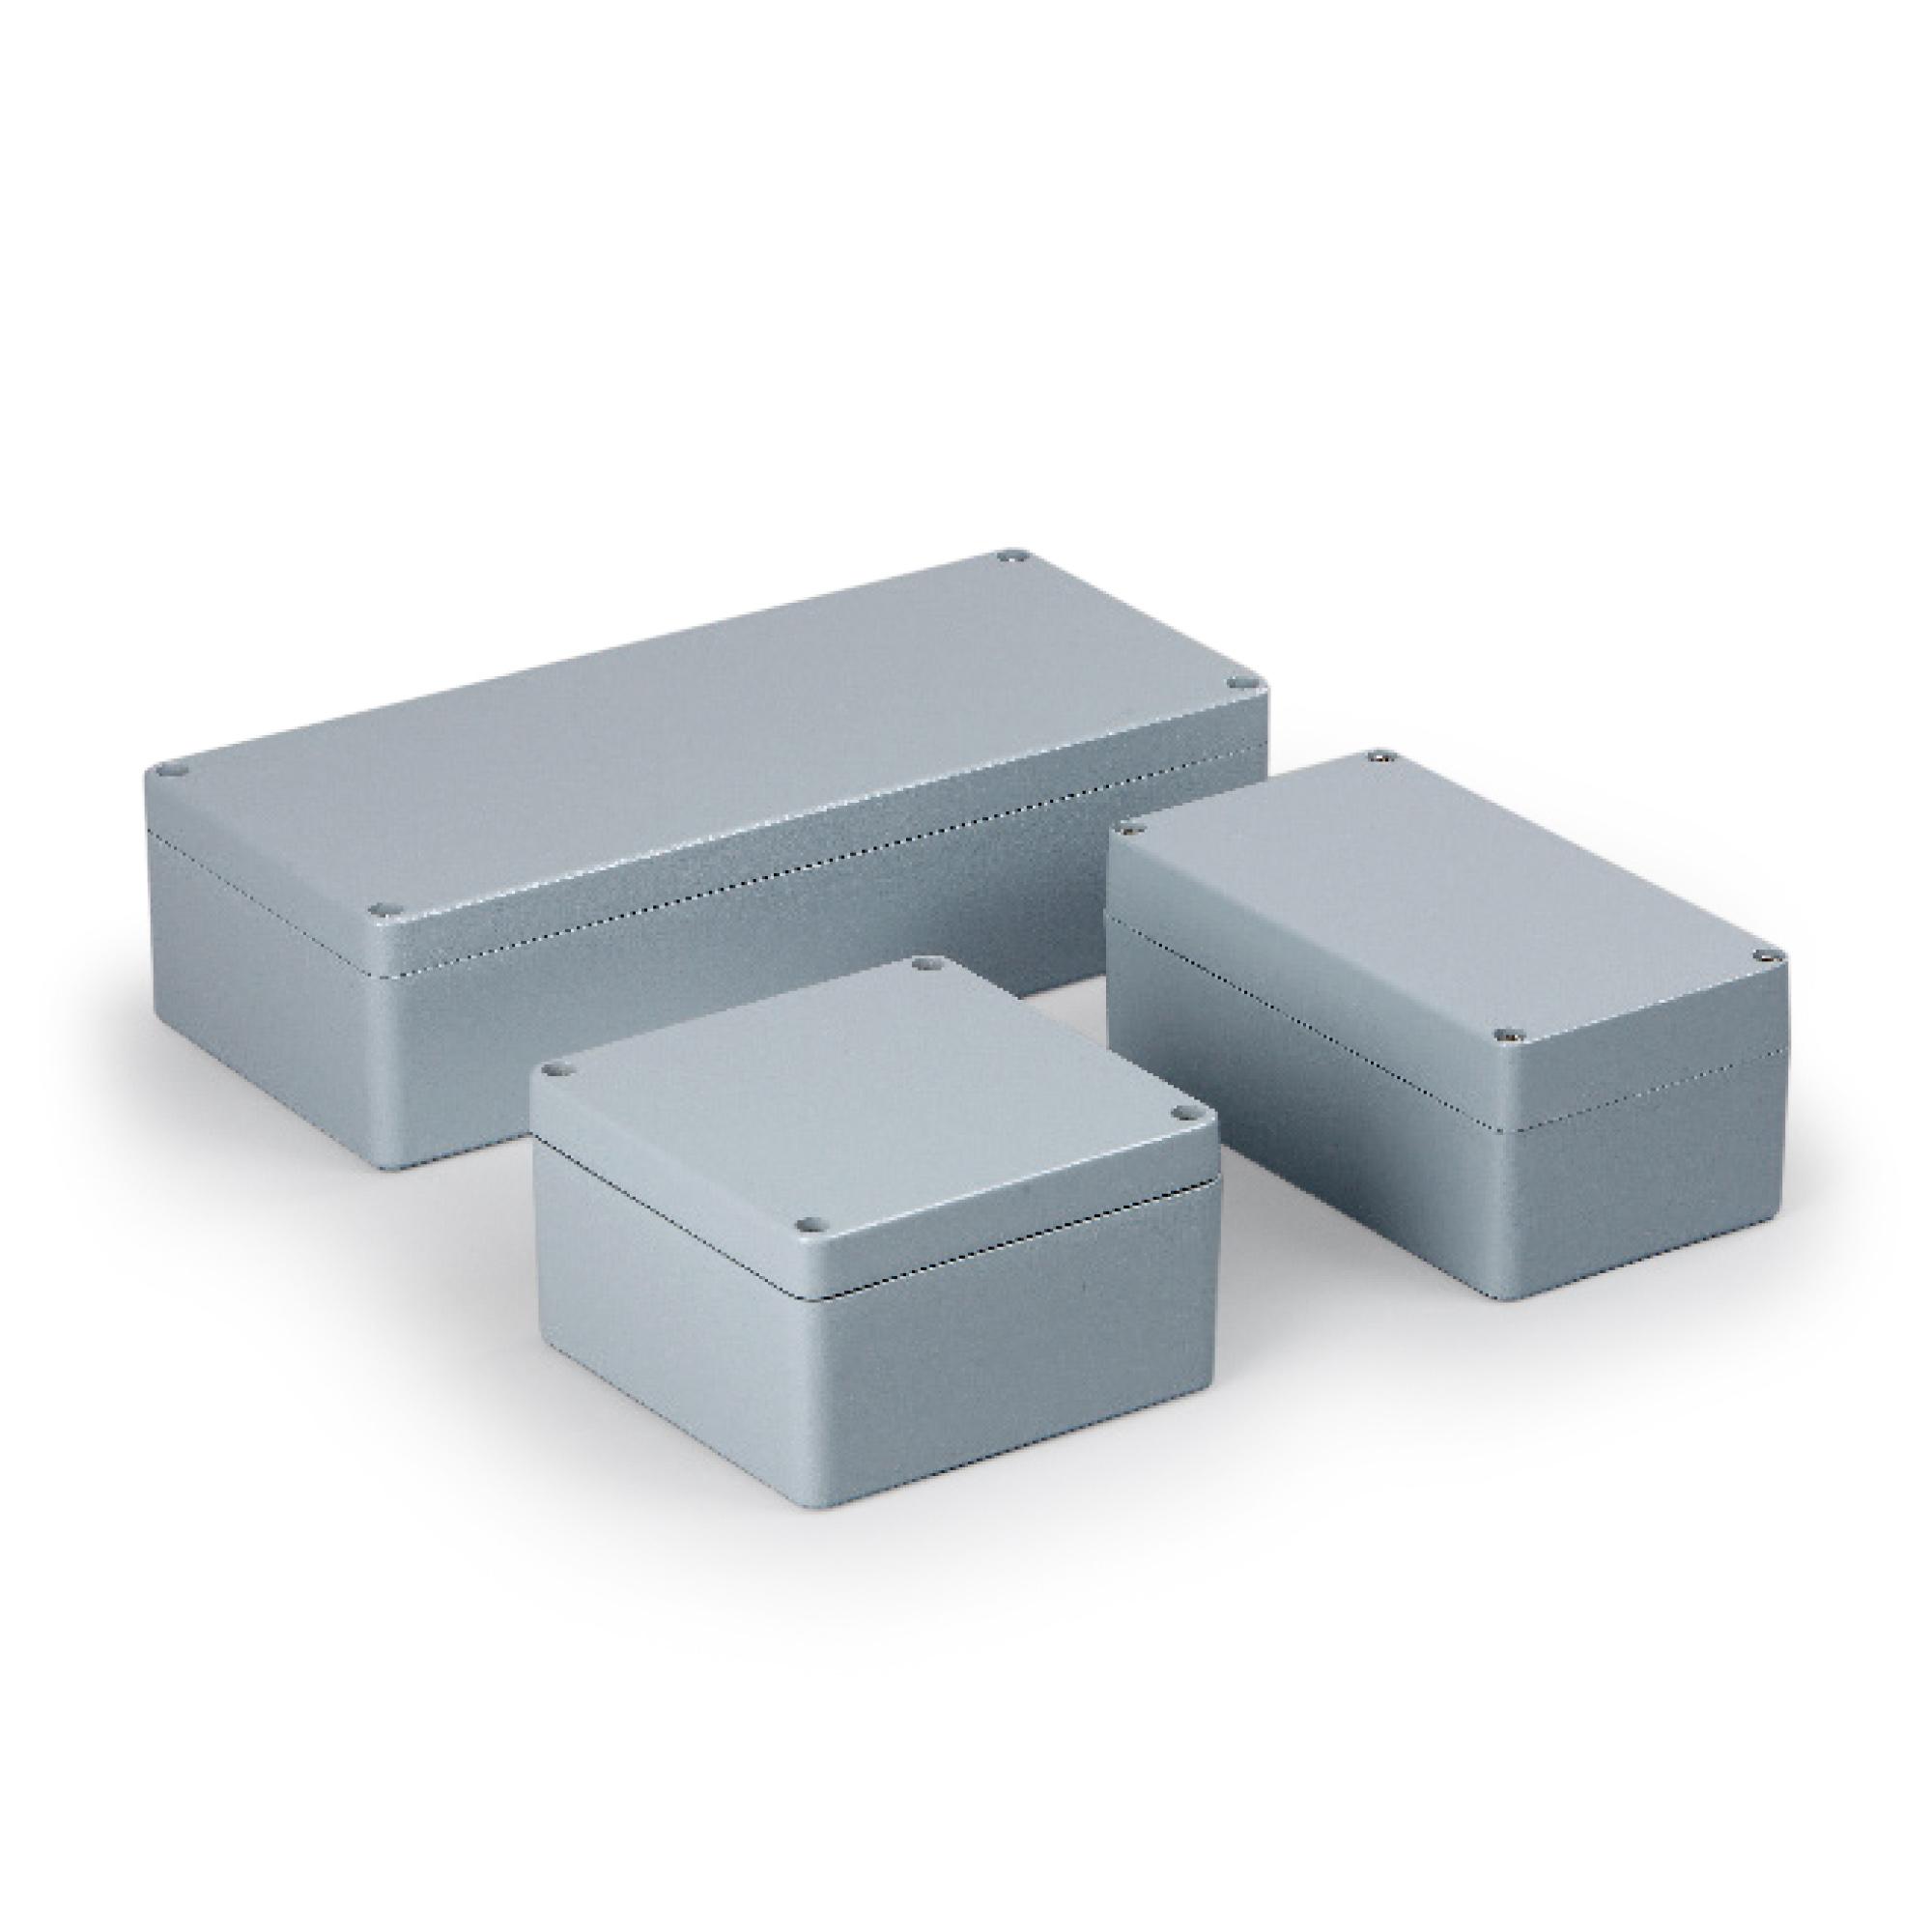 Aluminiumboc swibox, Leehrgehäuse